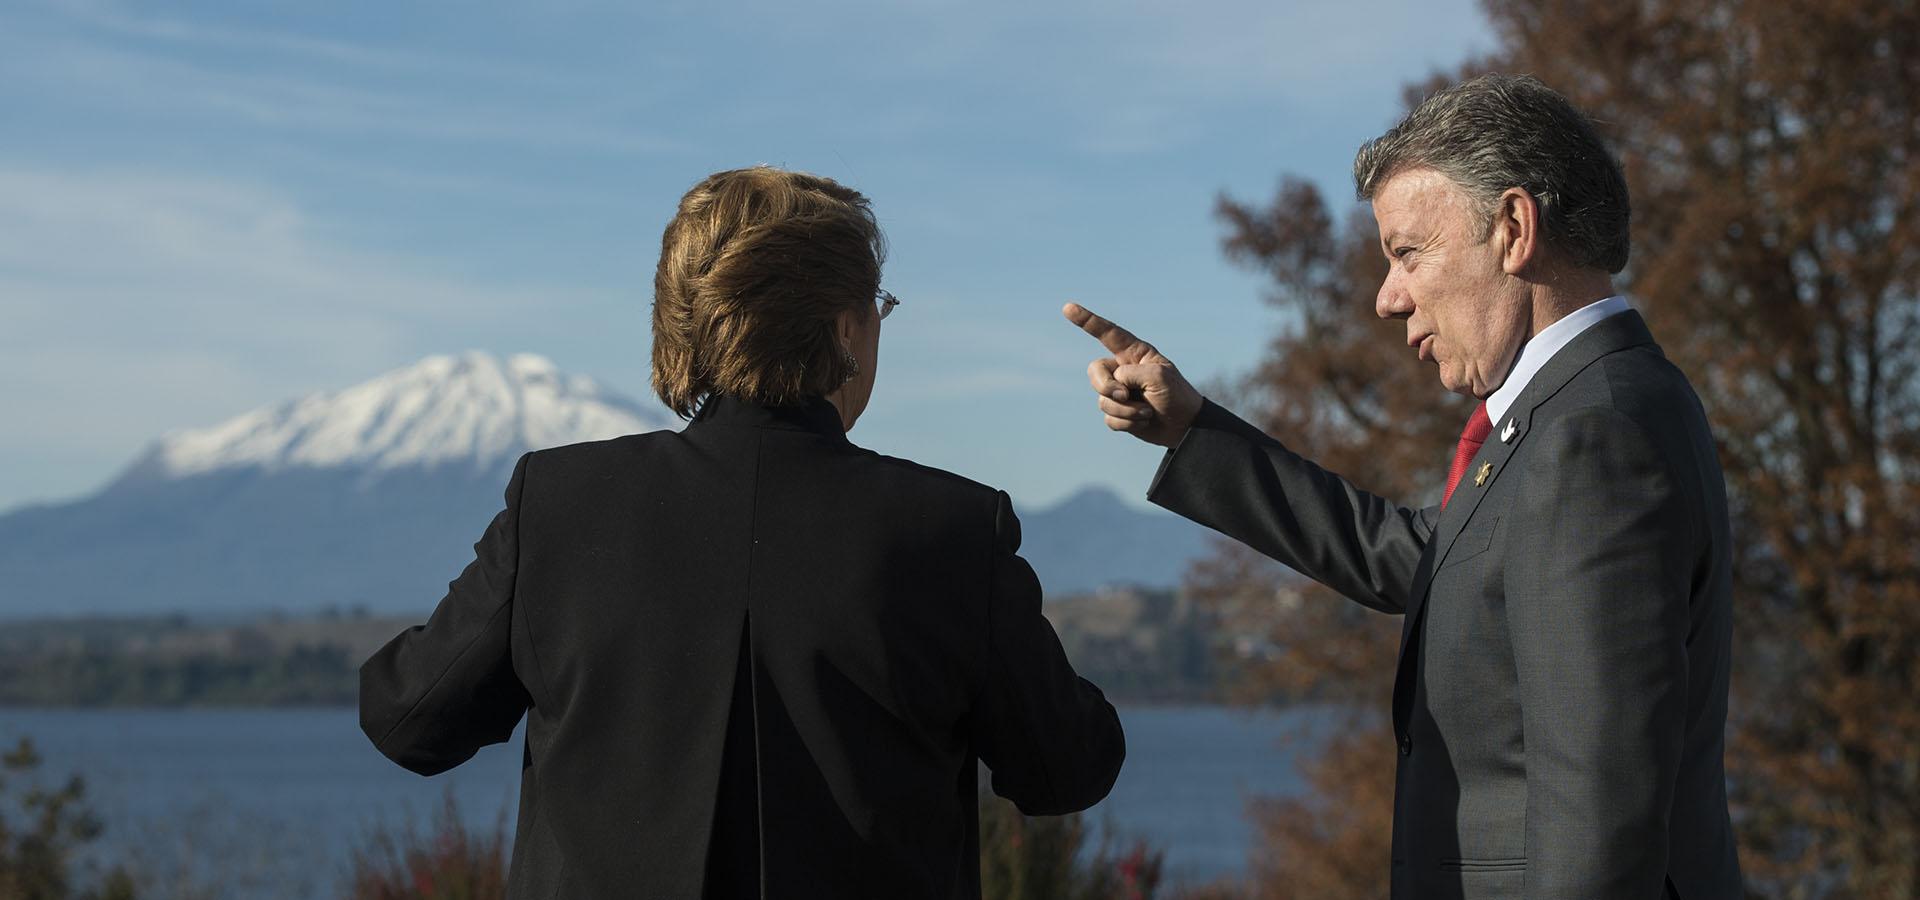 Michelle Bachelet y Juan Manuel Santos durante la reunión de la Alianza del Pacífico, a los pies del volcán Osorno (AFP)